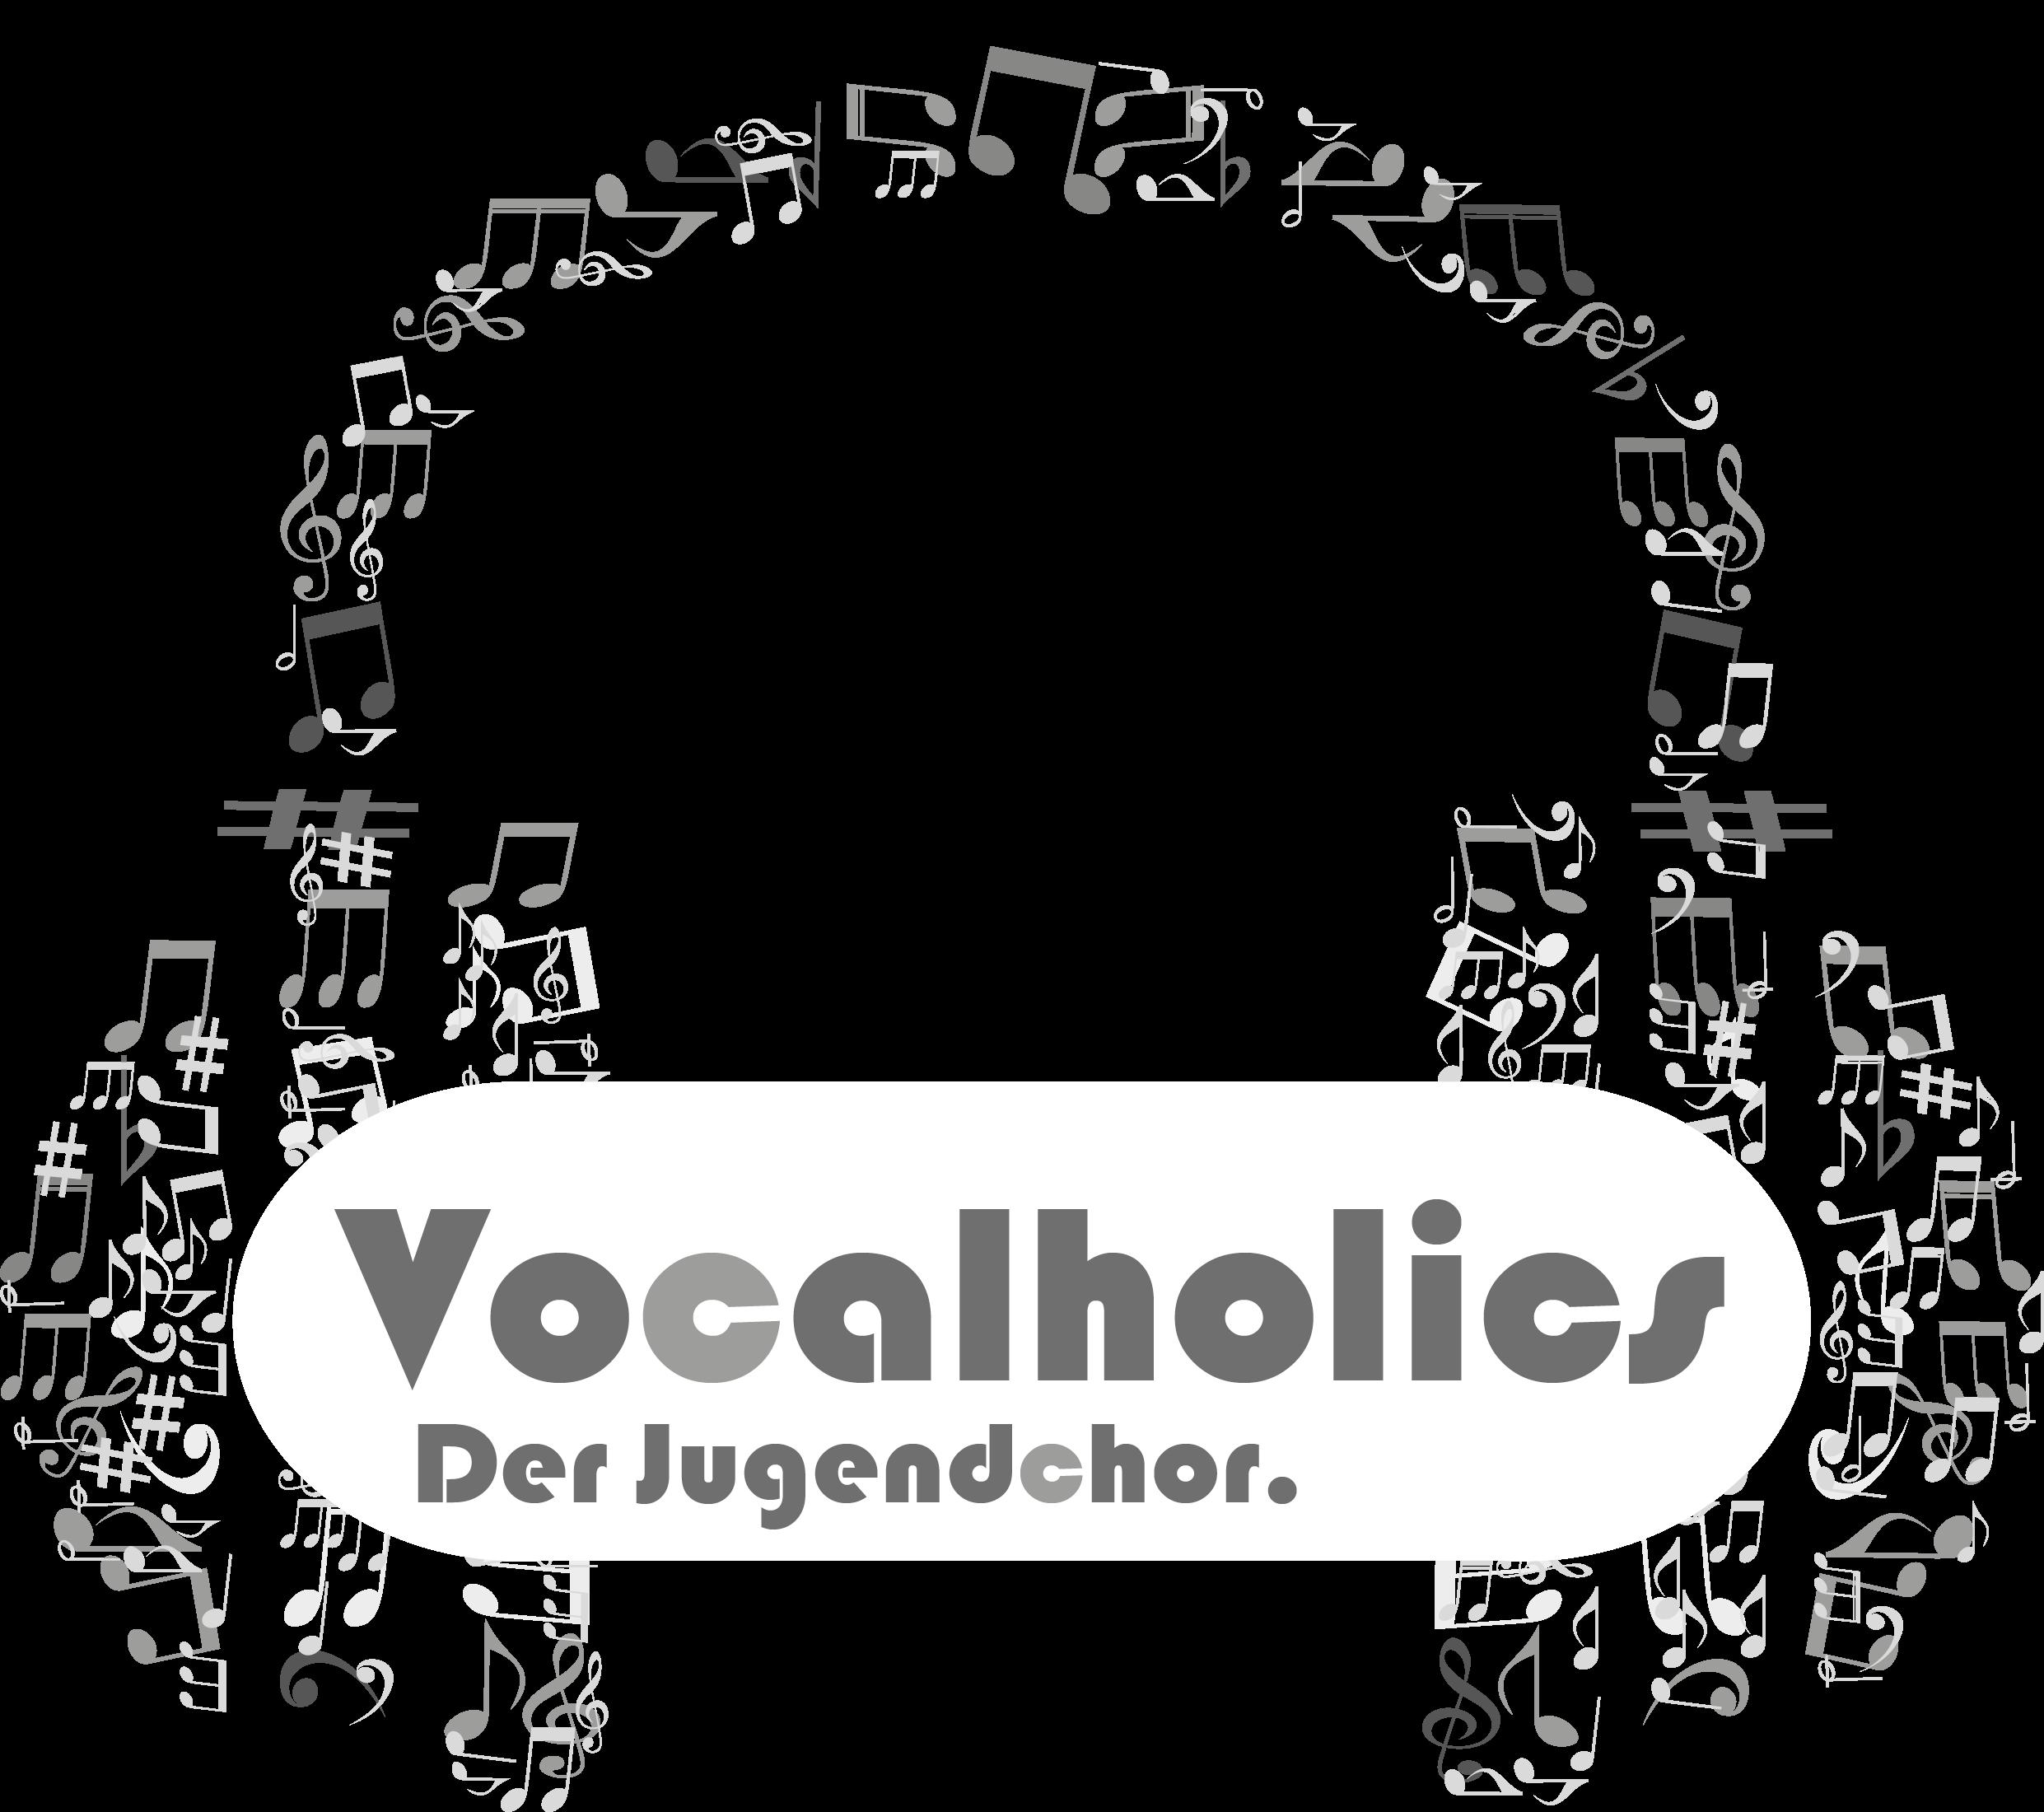 Vocalholics